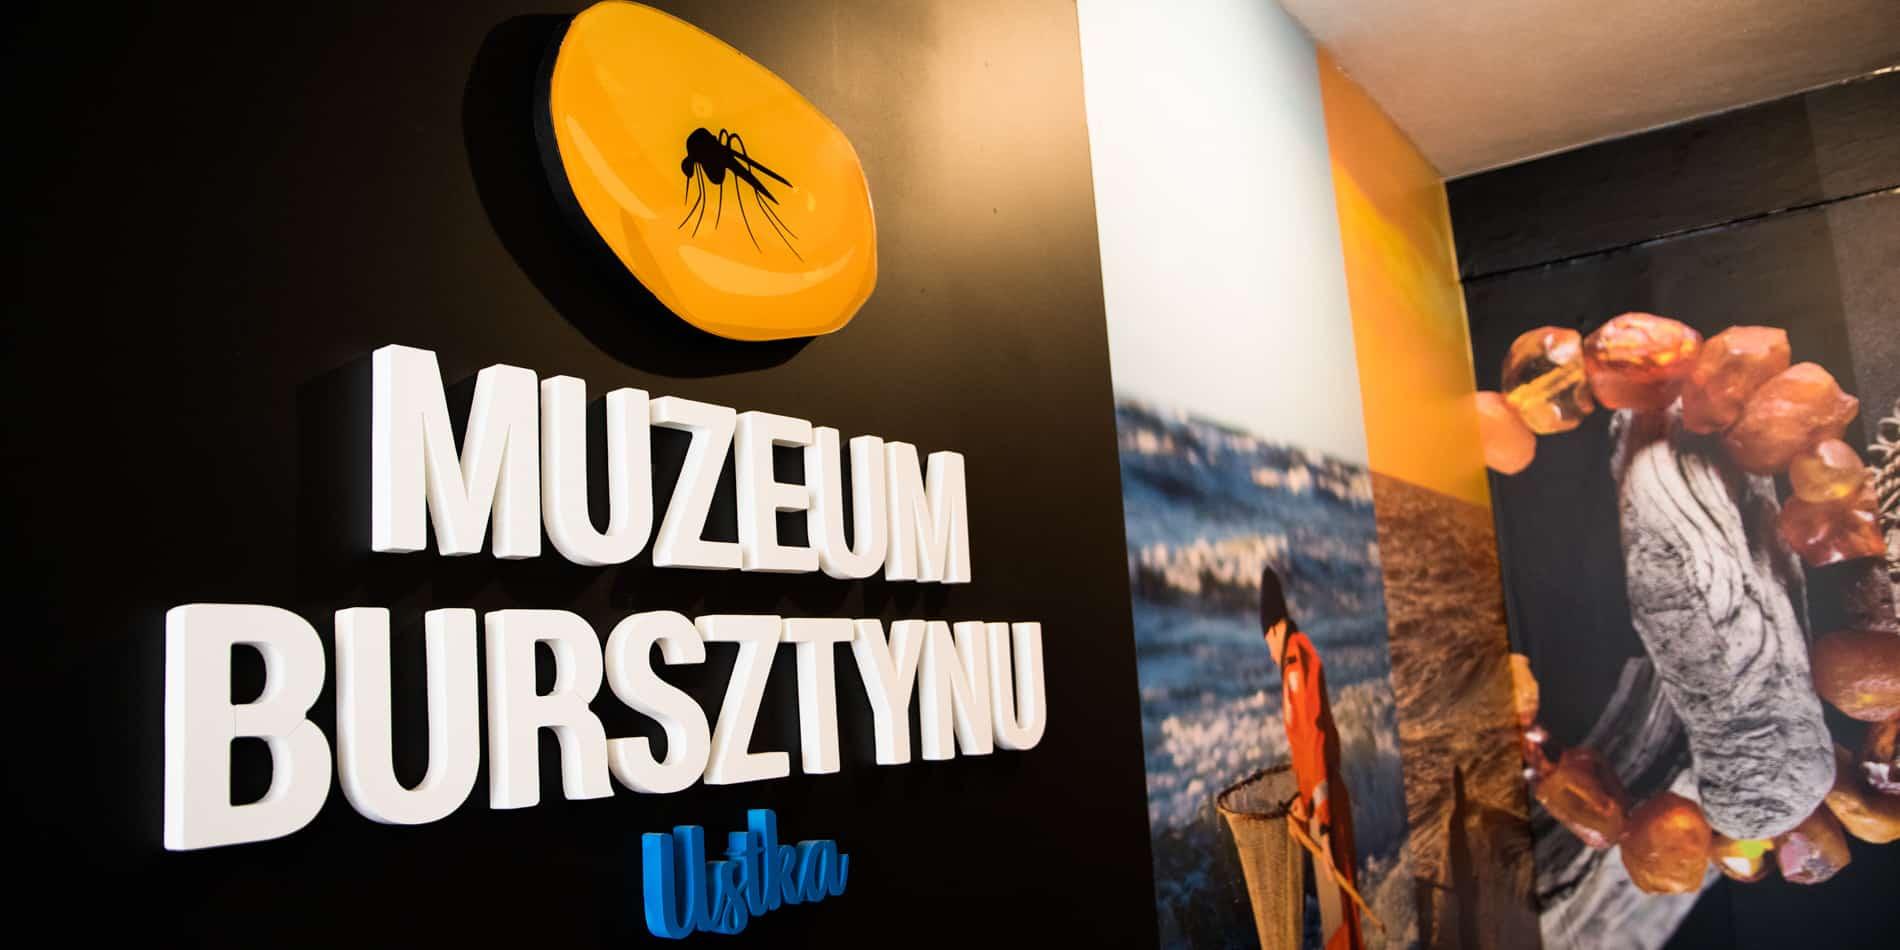 Odwiedź muzea w Ustce!